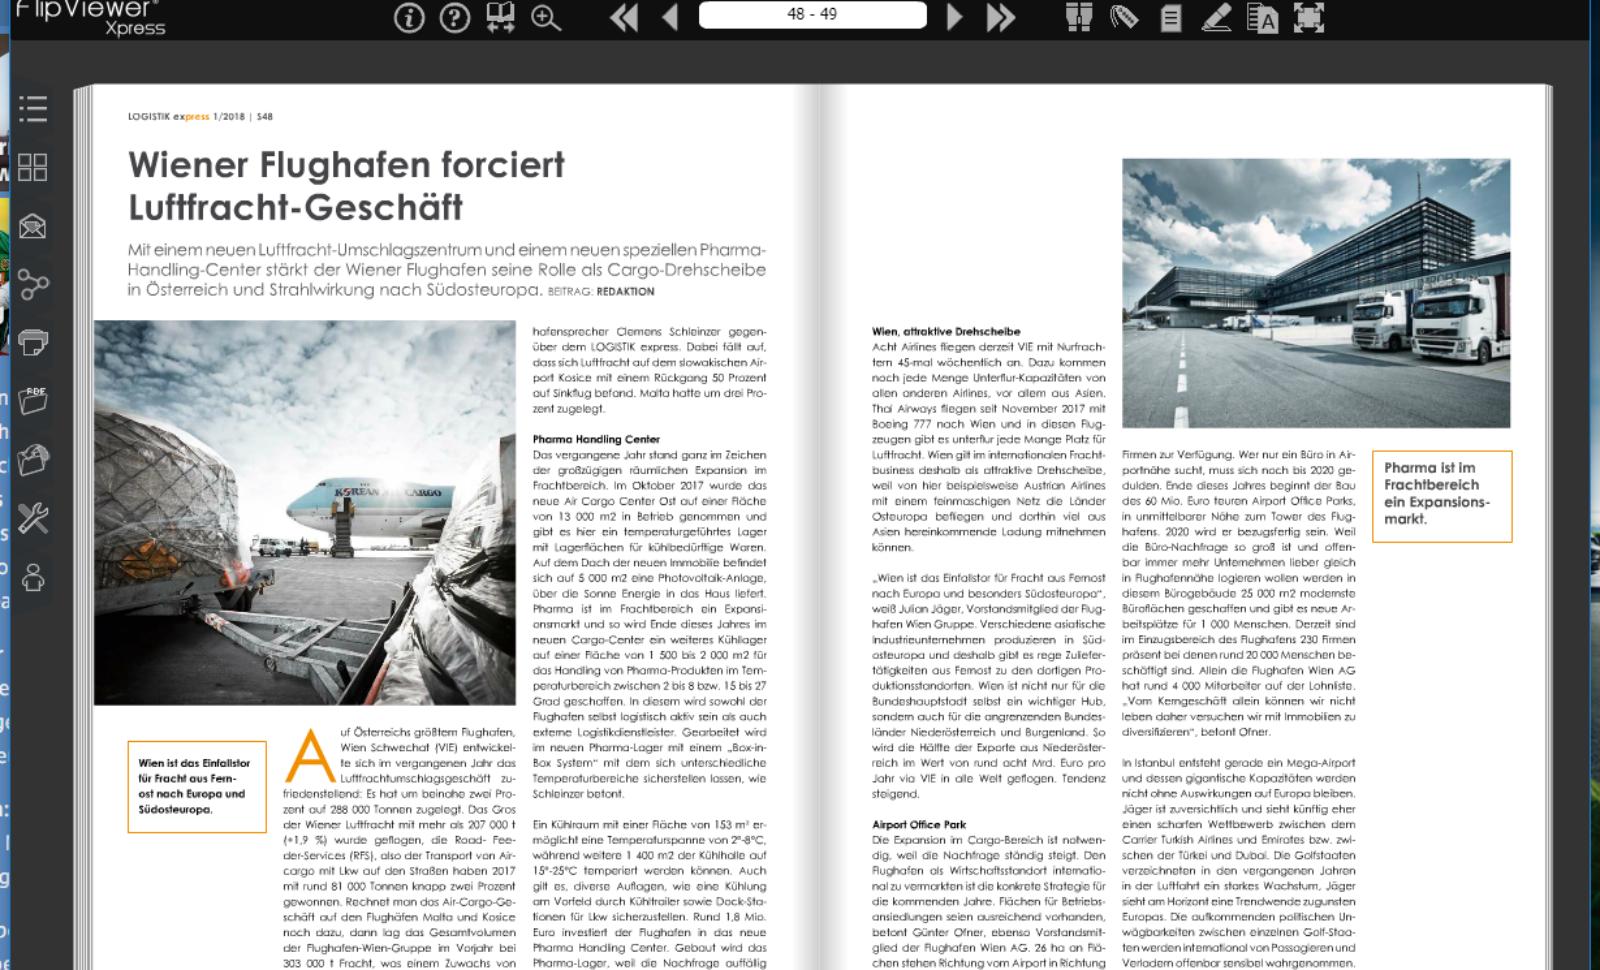 Wiener Flughafen forciert Luftfracht-Geschäft